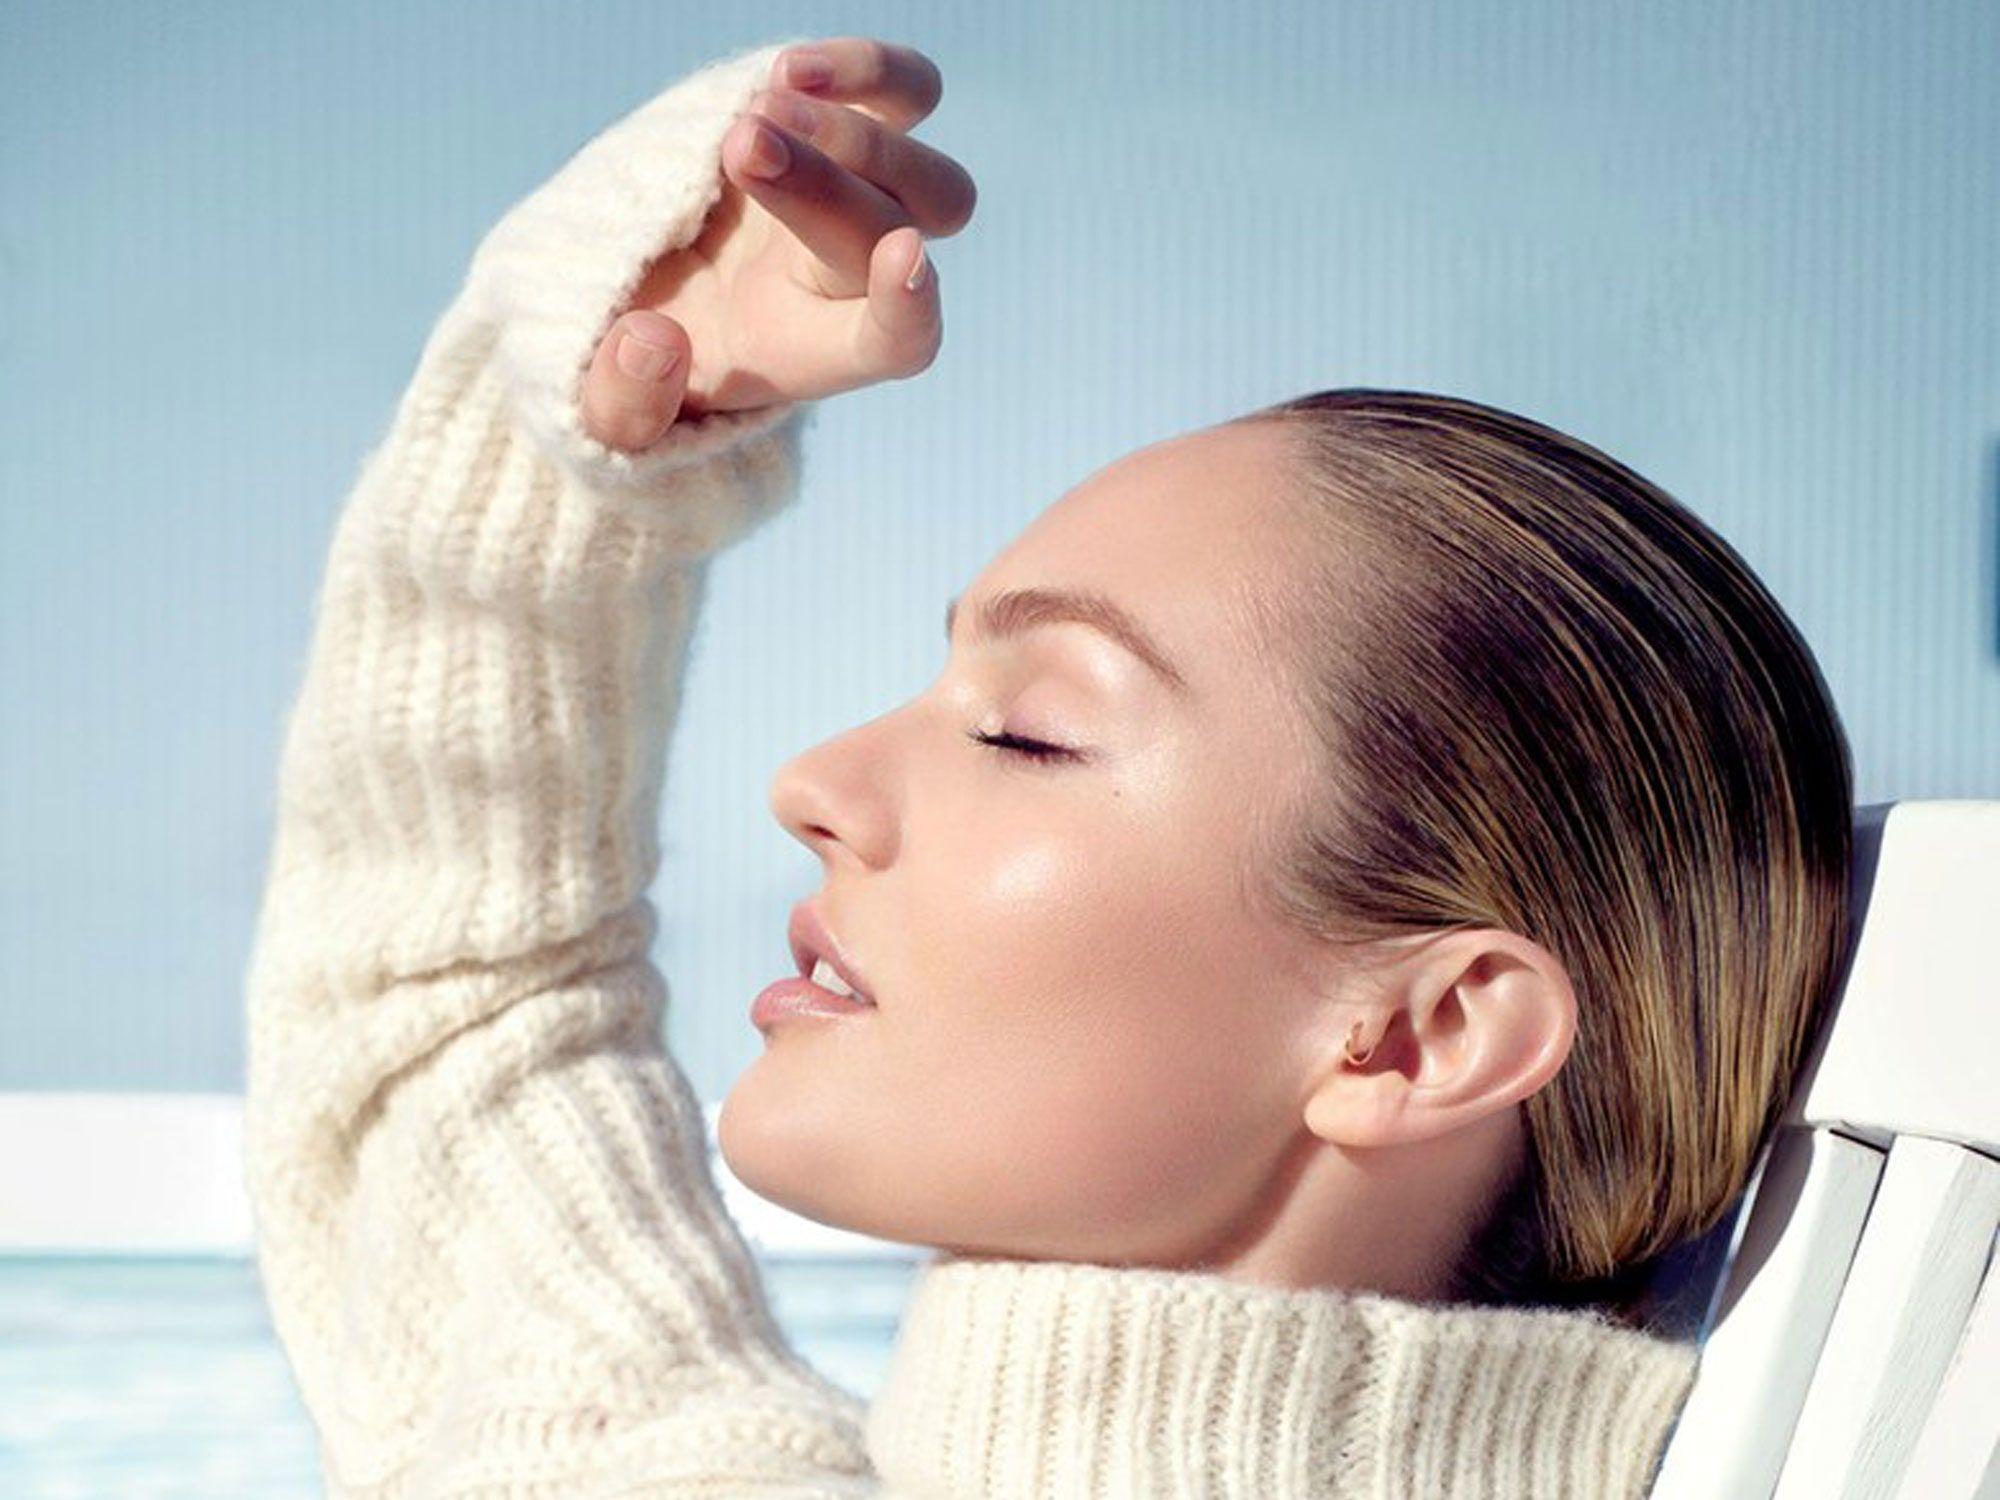 بهترین ضد آفتاب برای پوست چرب با منافذ باز